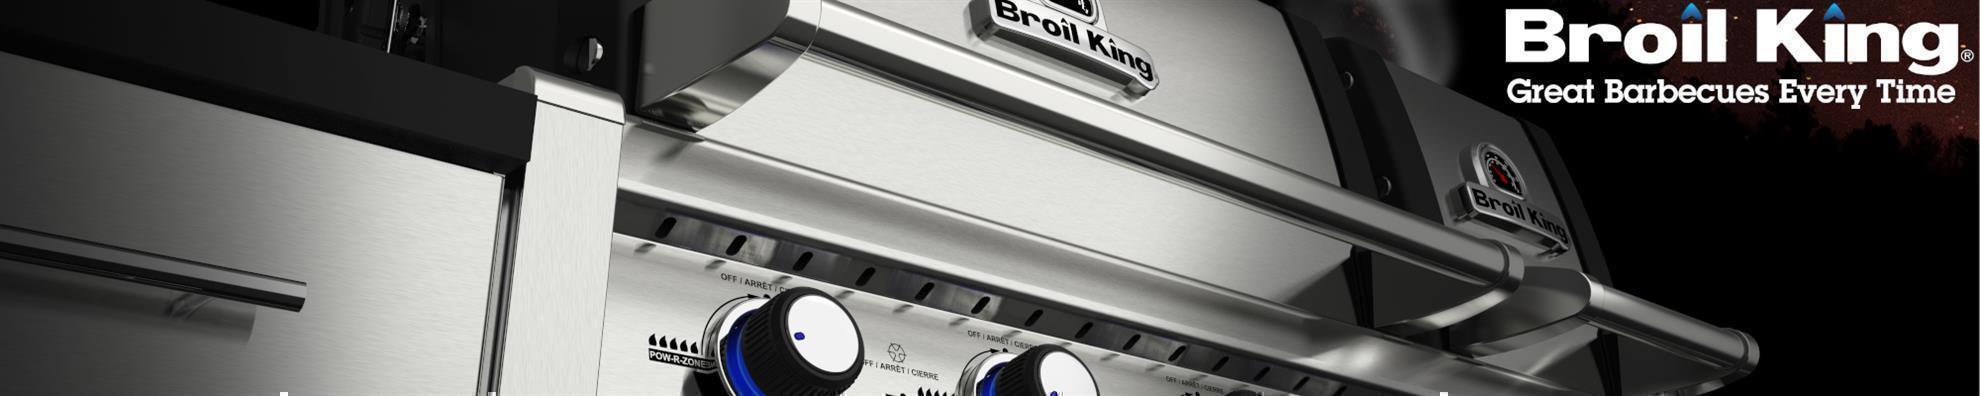 Broil King - Fettschiene Porta-Chef, Gem, Royal & Monarch